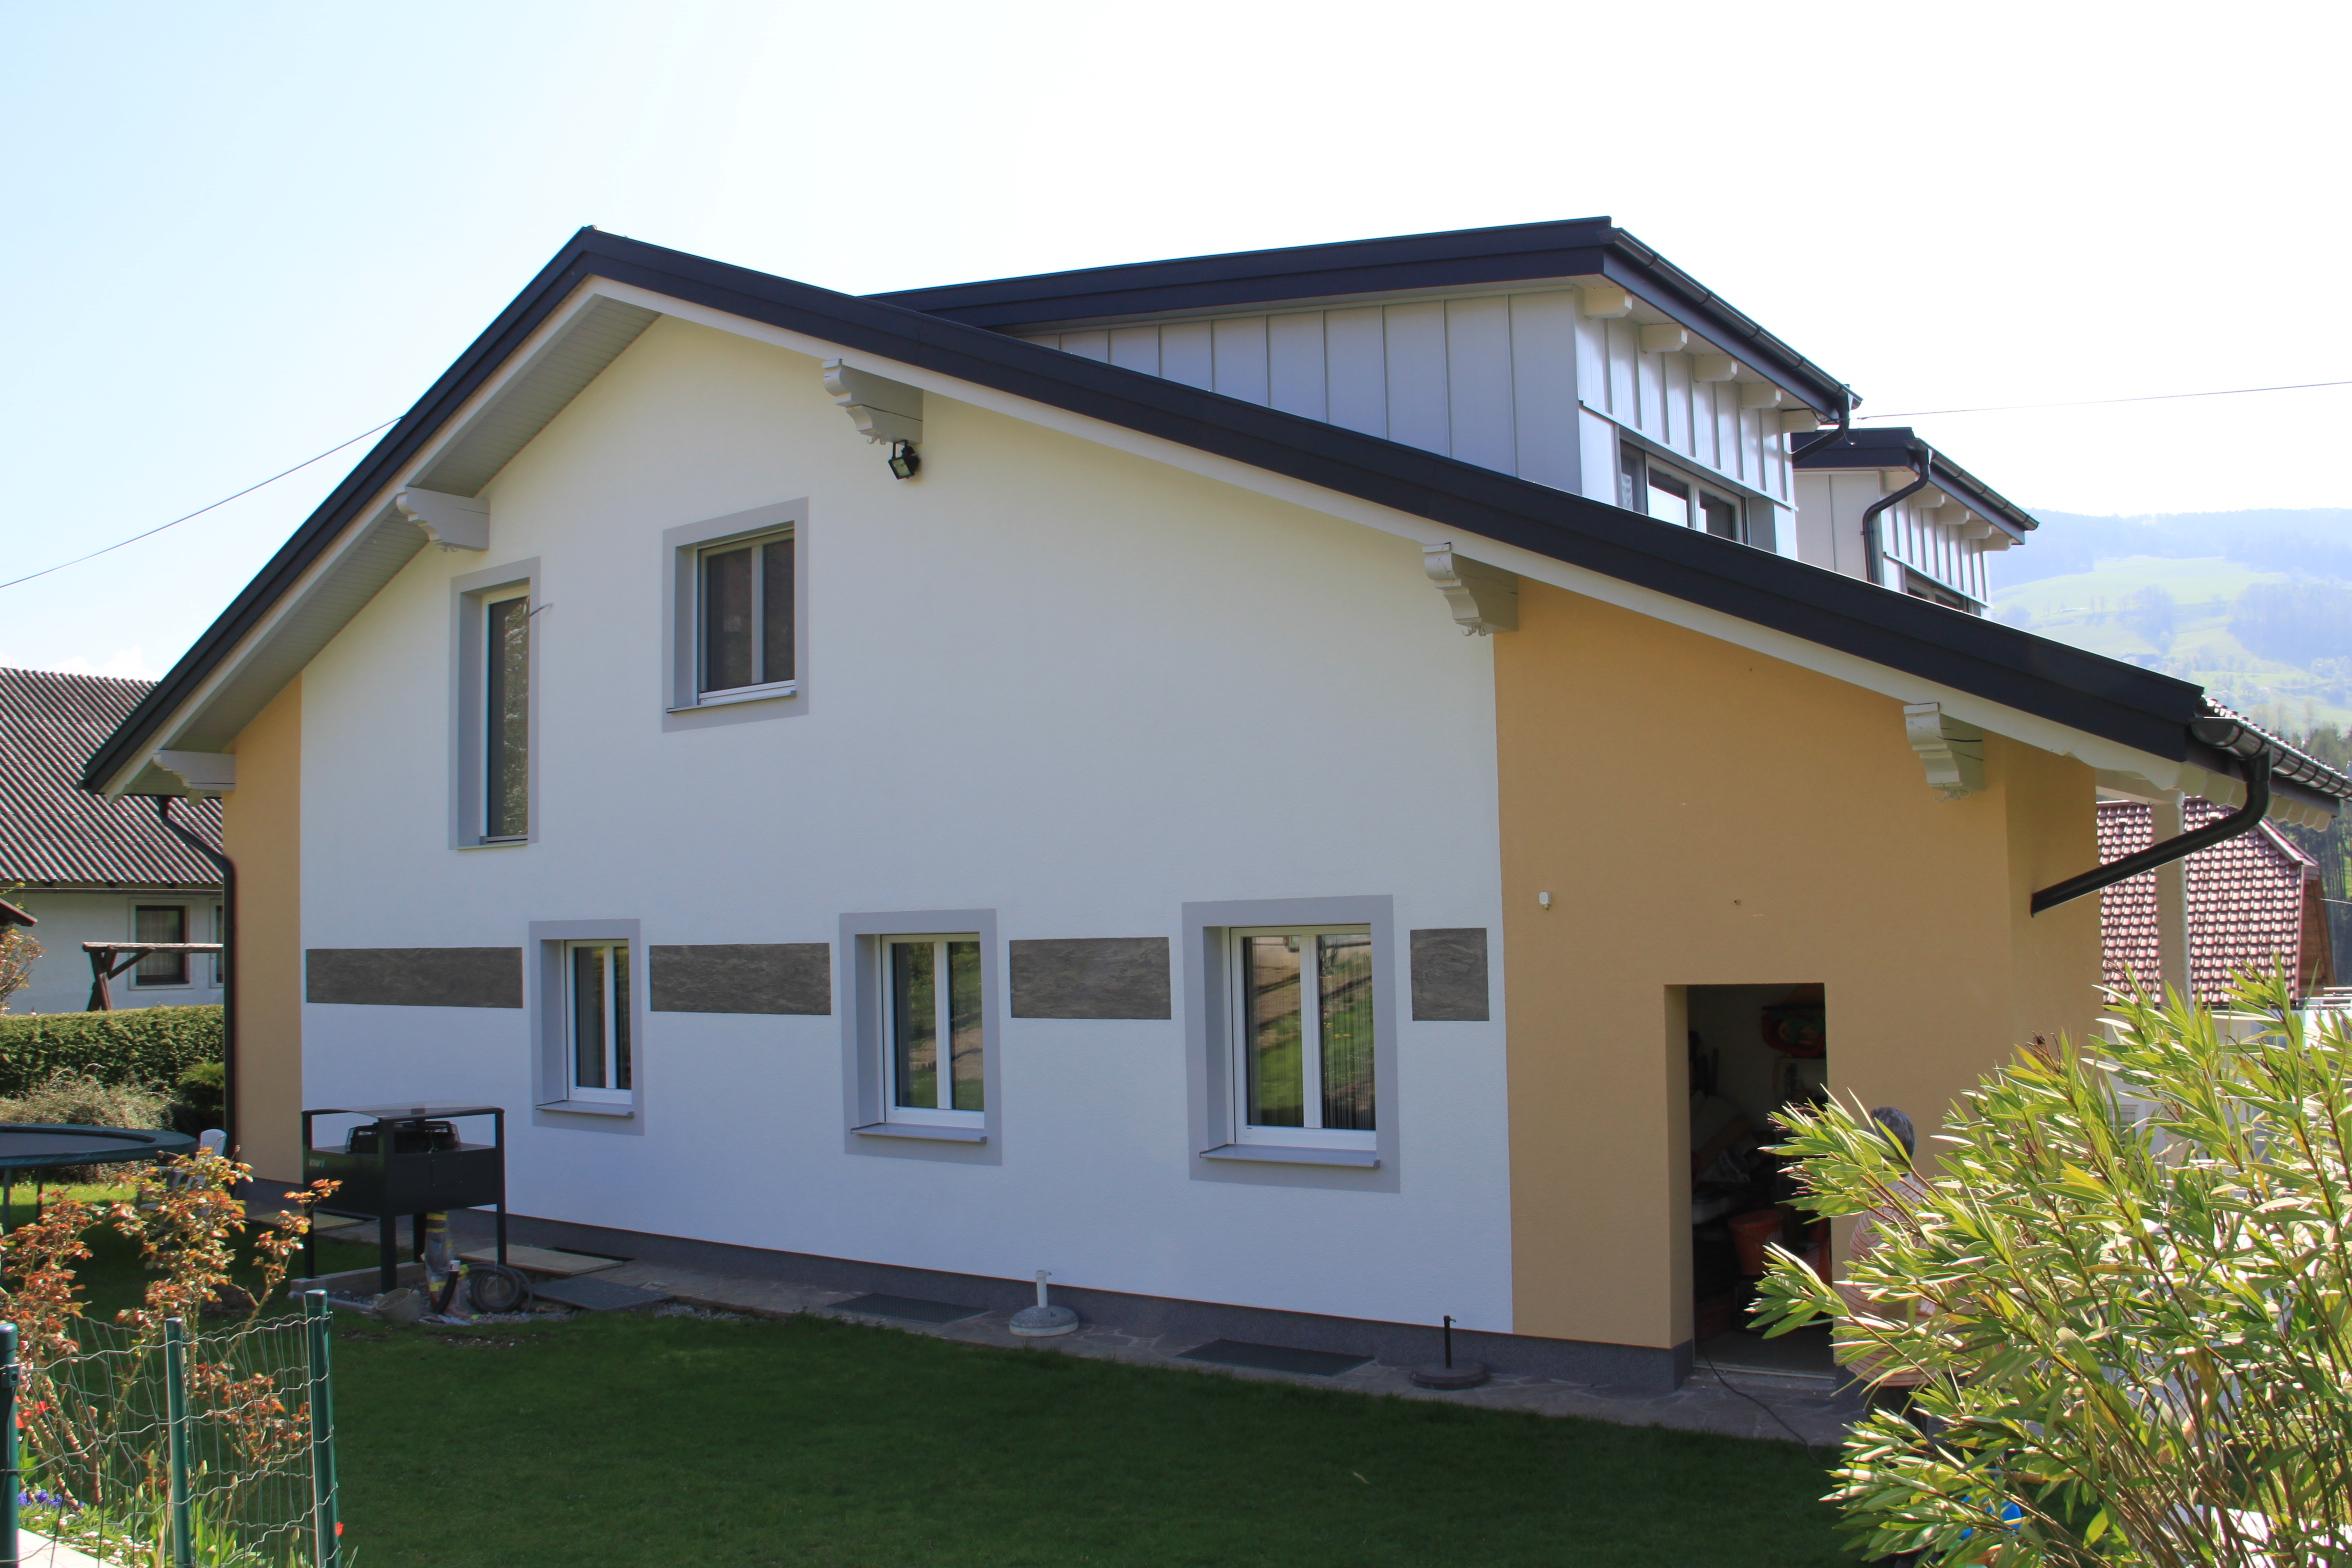 http://www.der-bauberater.at/wp-content/uploads/2017/10/Dachgeschossausbau_02.jpg